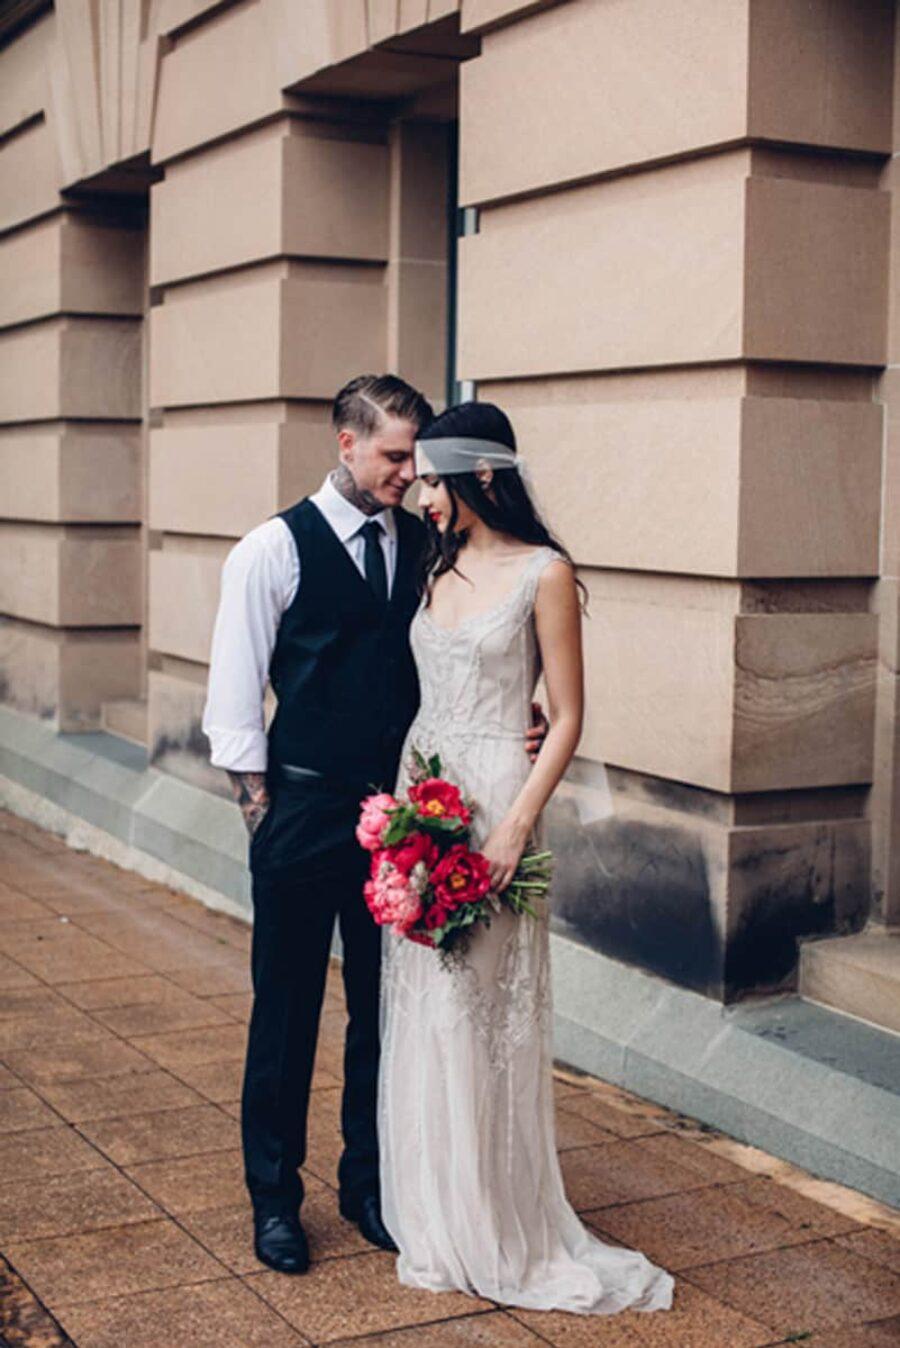 Urban Brisbane wedding